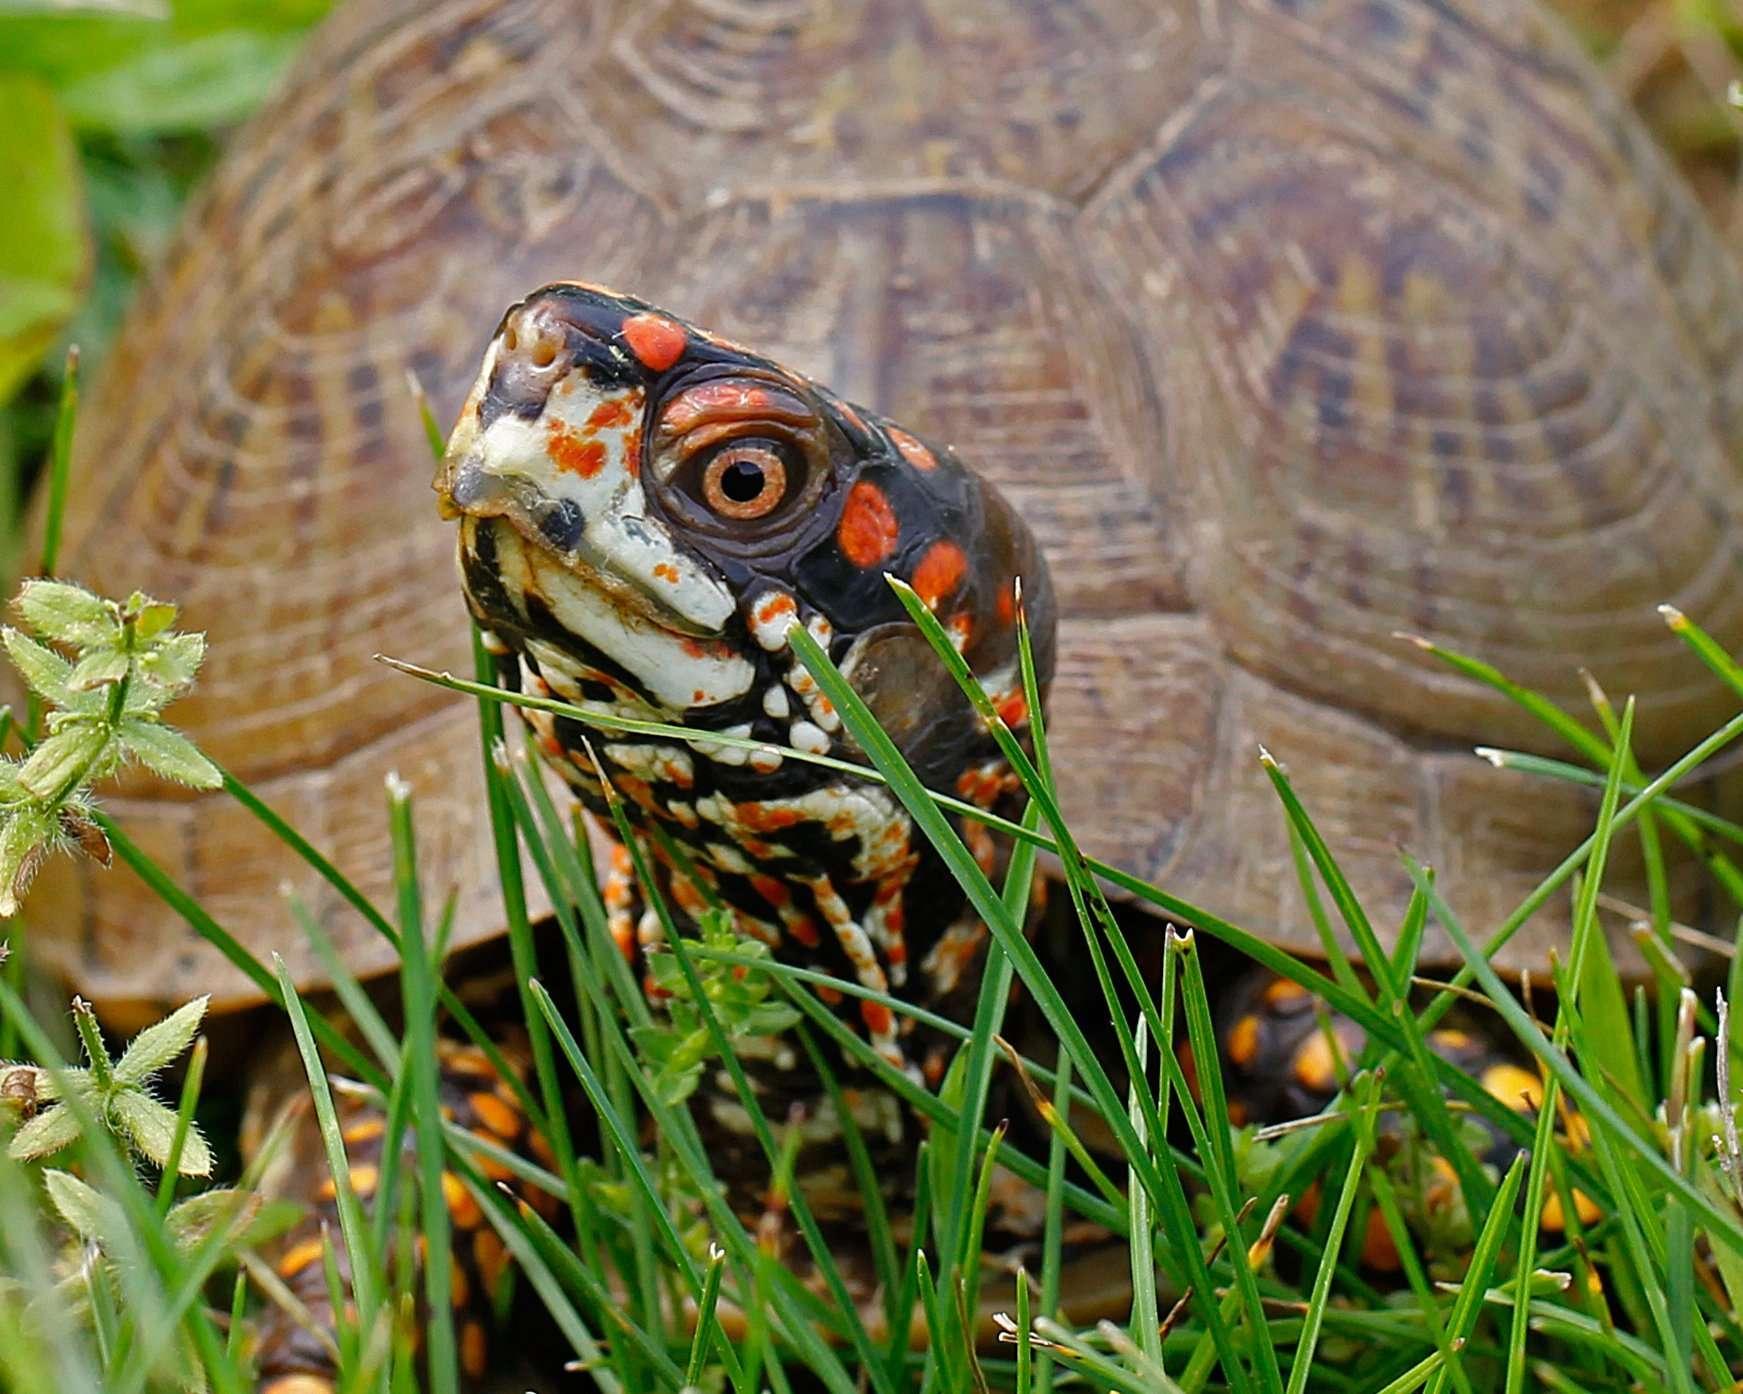 Male Three-toed Box Turtle